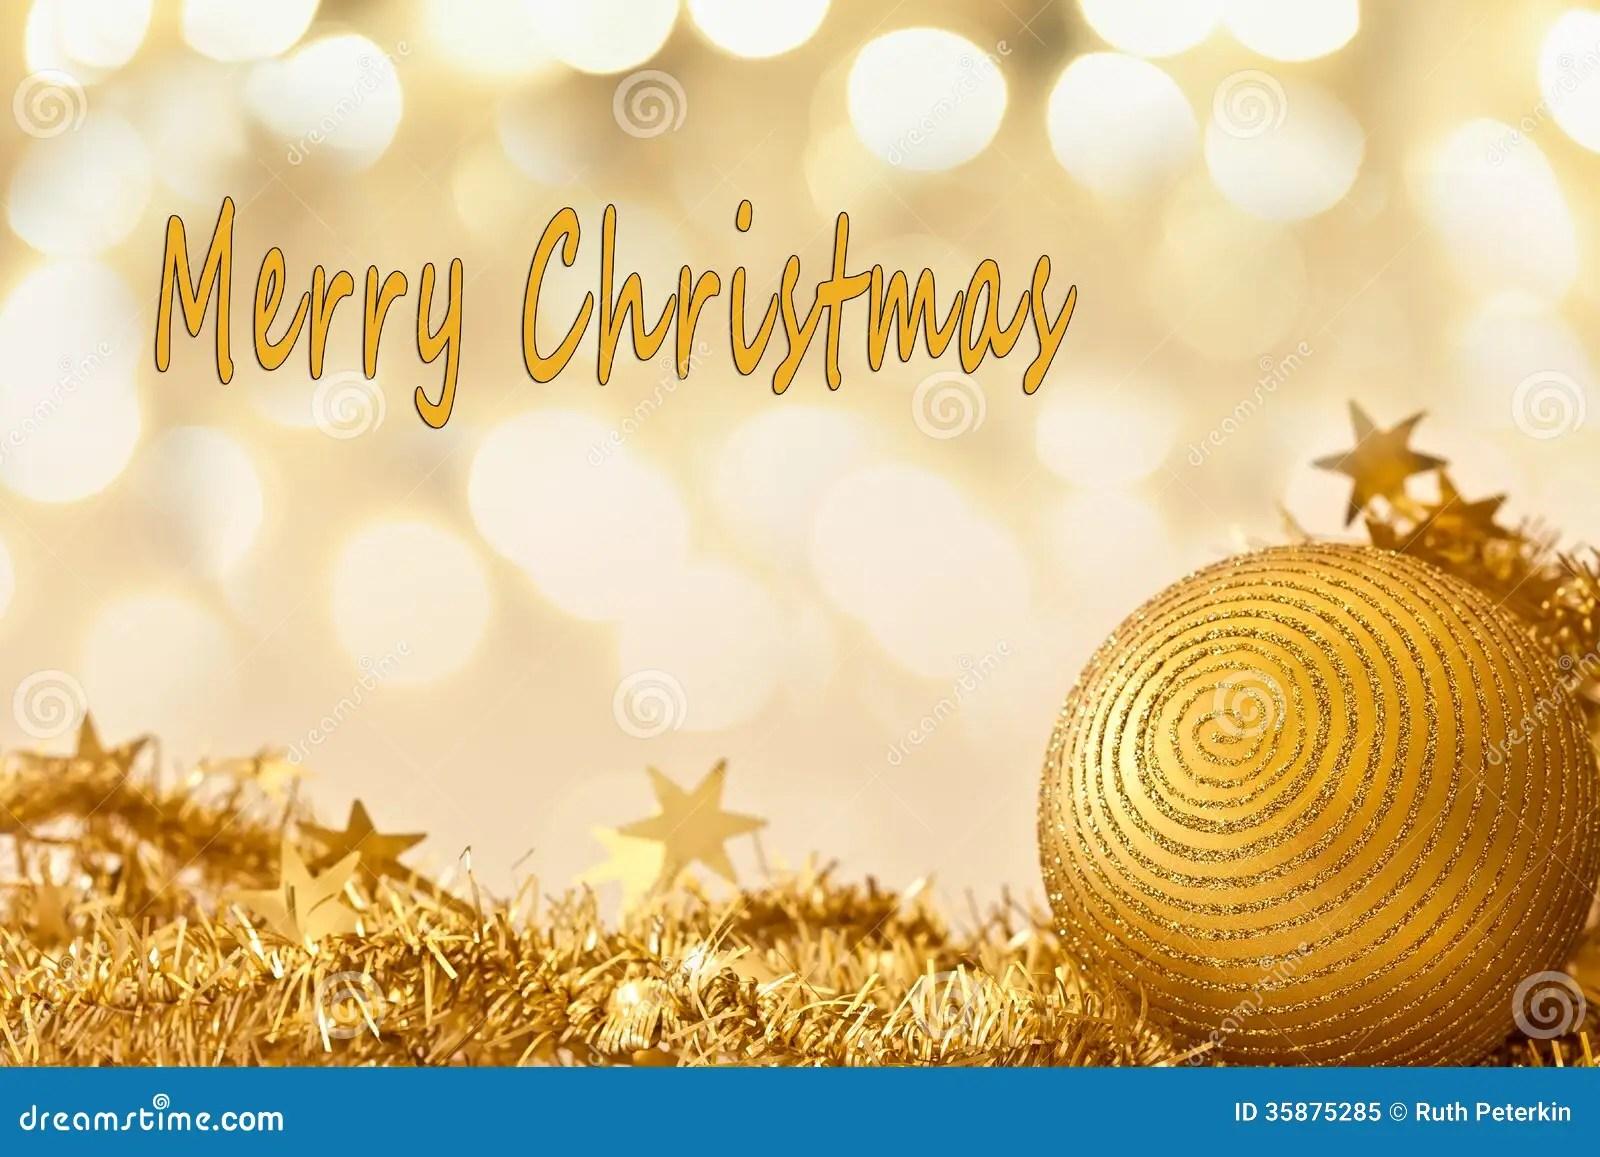 Christmas Card Stock Image Image Of Glitter Xmas White